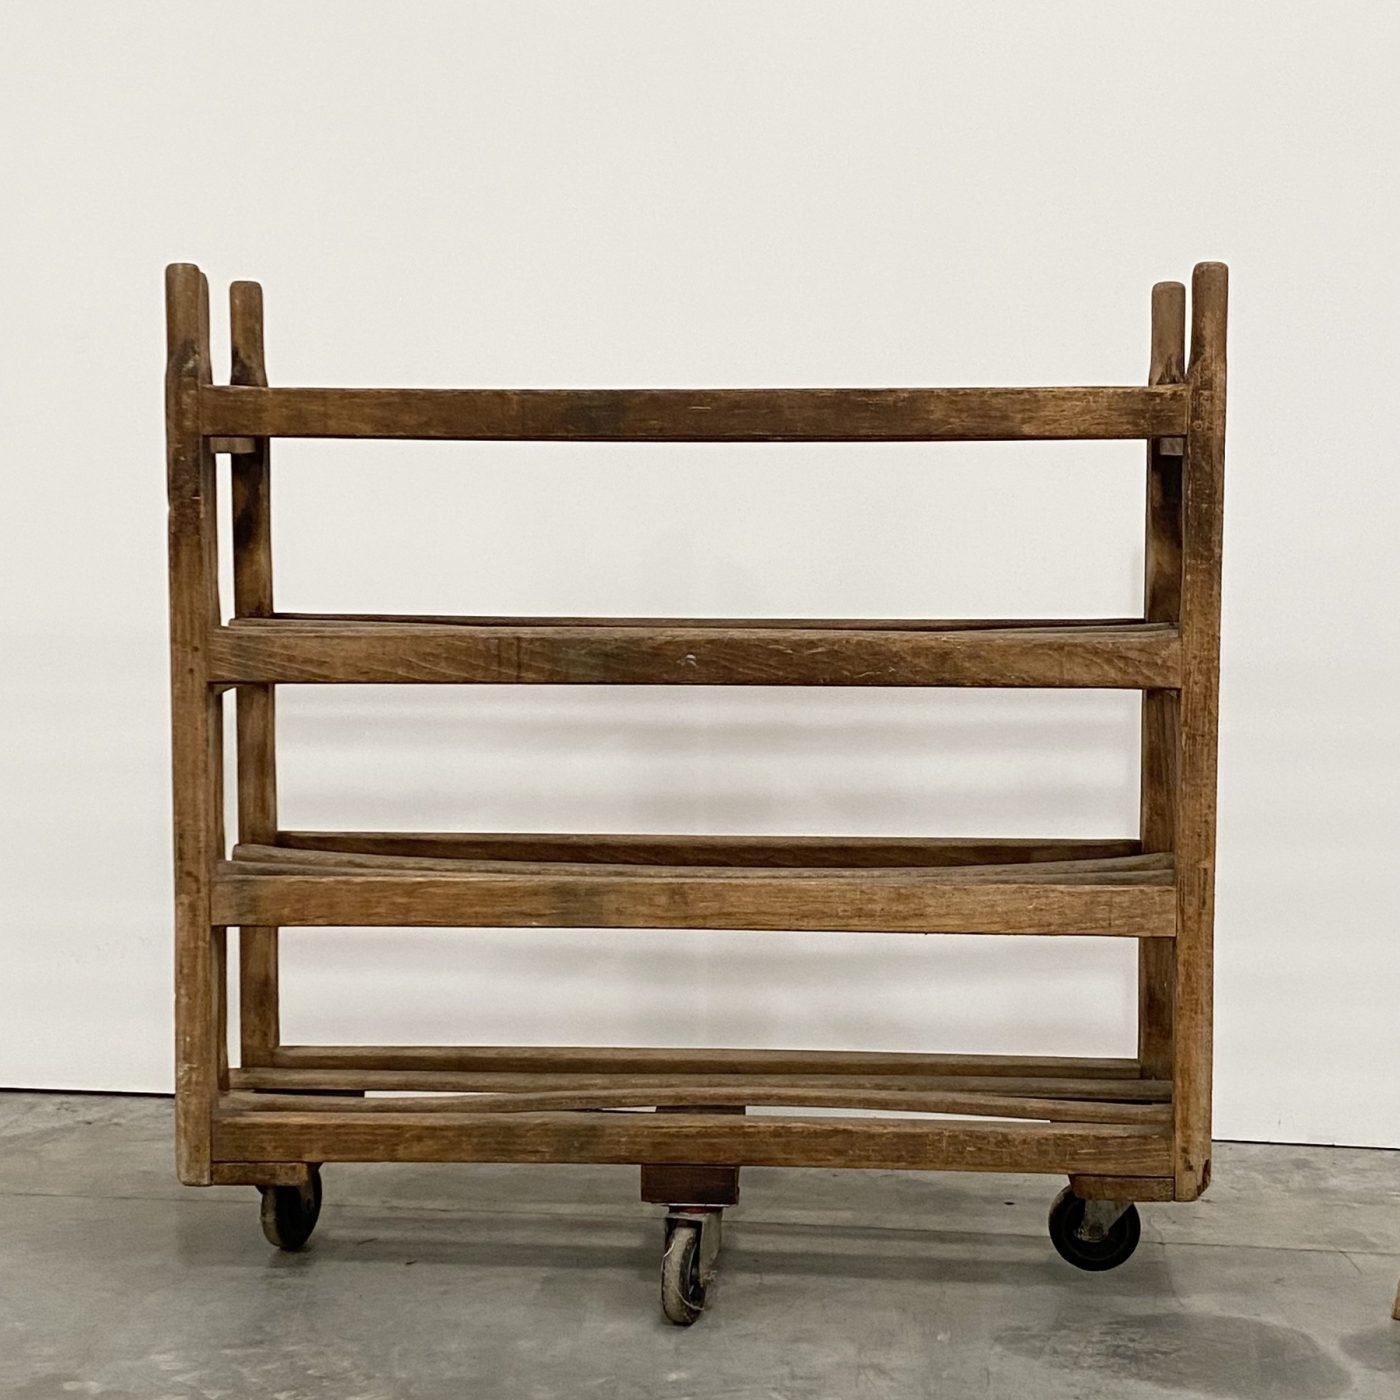 objet-vagabond-bakery-rack0000